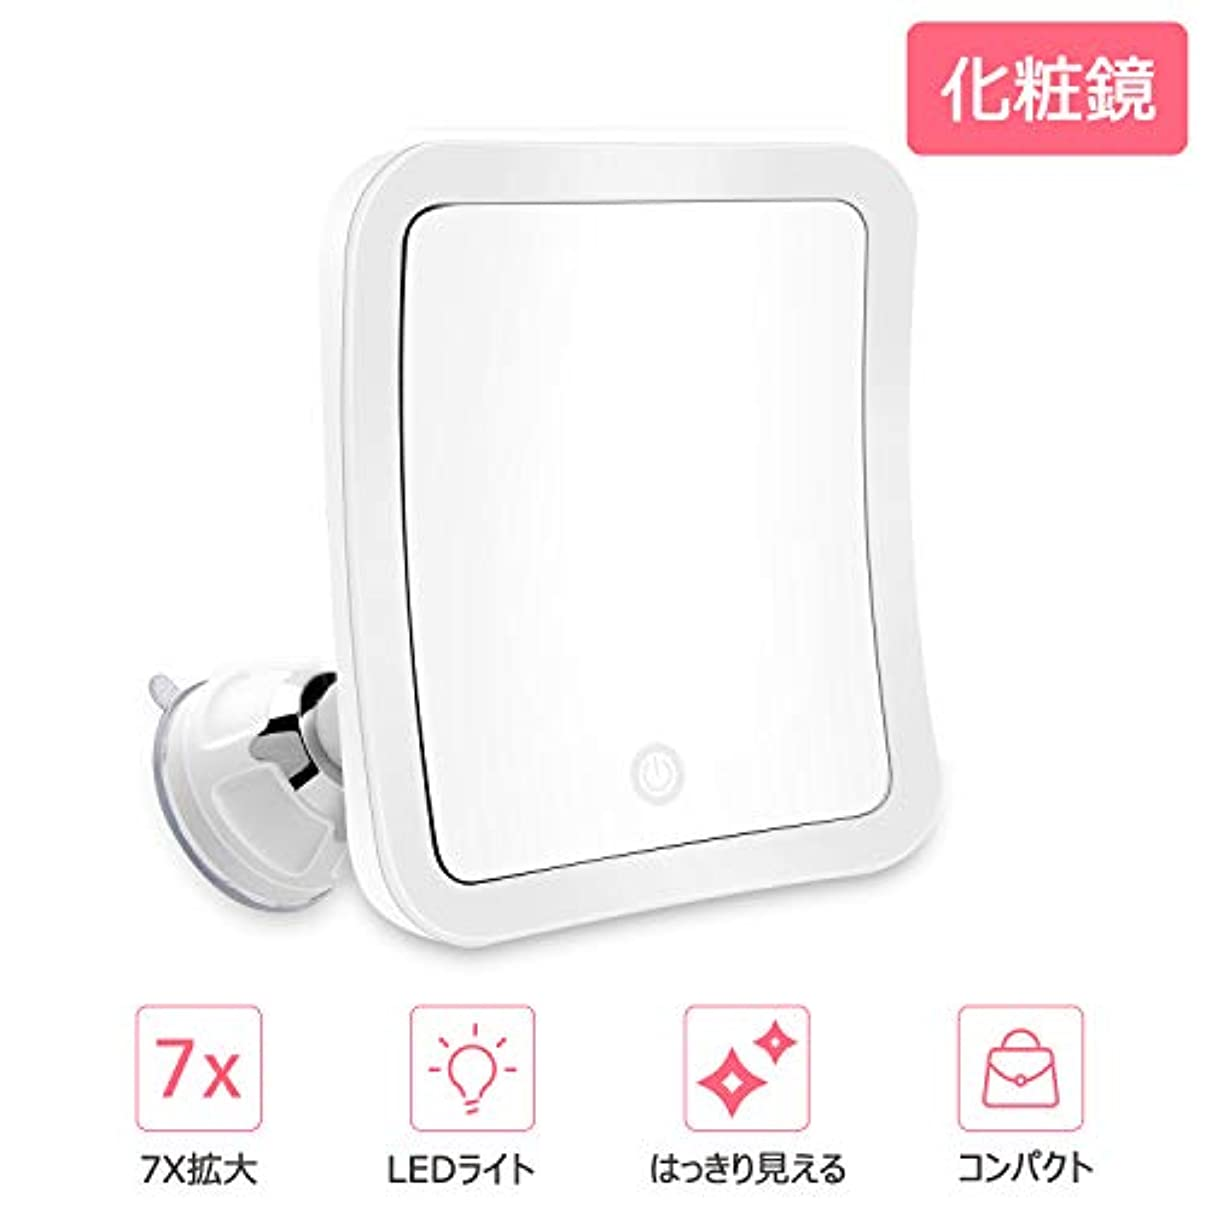 赤ちゃんエミュレートする貫通するLED化粧鏡 7倍拡大鏡 浴室鏡 毛穴 卓上化粧ミラー 360度回転 明るさ調節可能 壁掛け 吸盤ロック付き 単五電池&USB給電